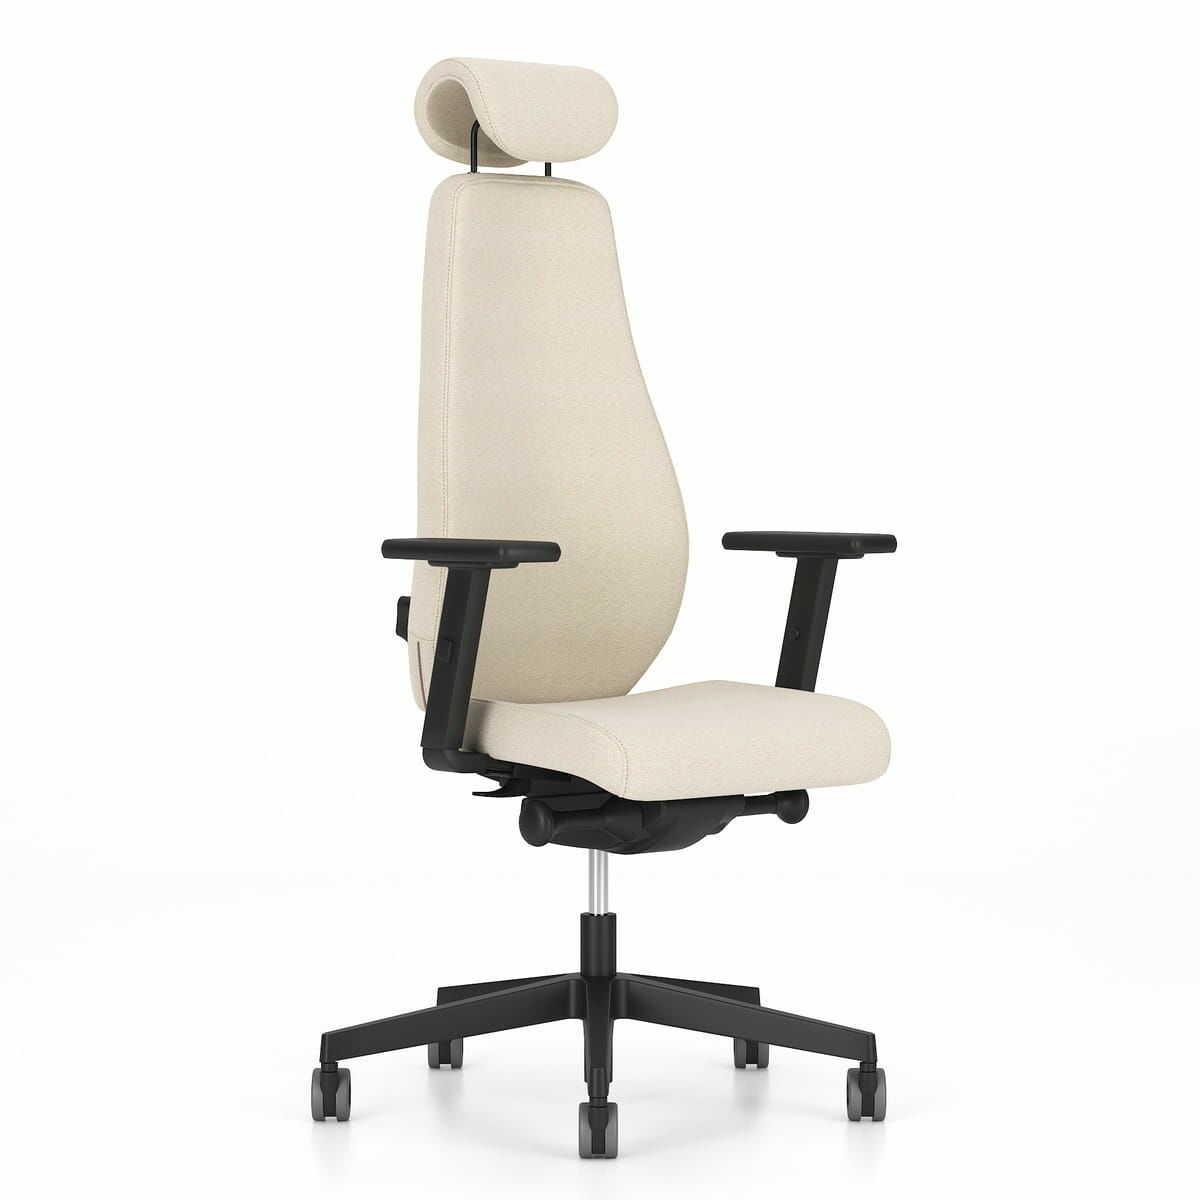 Fotel biurowy Nowy Styl BJARG SWIVEL CHAIR HB UPH z